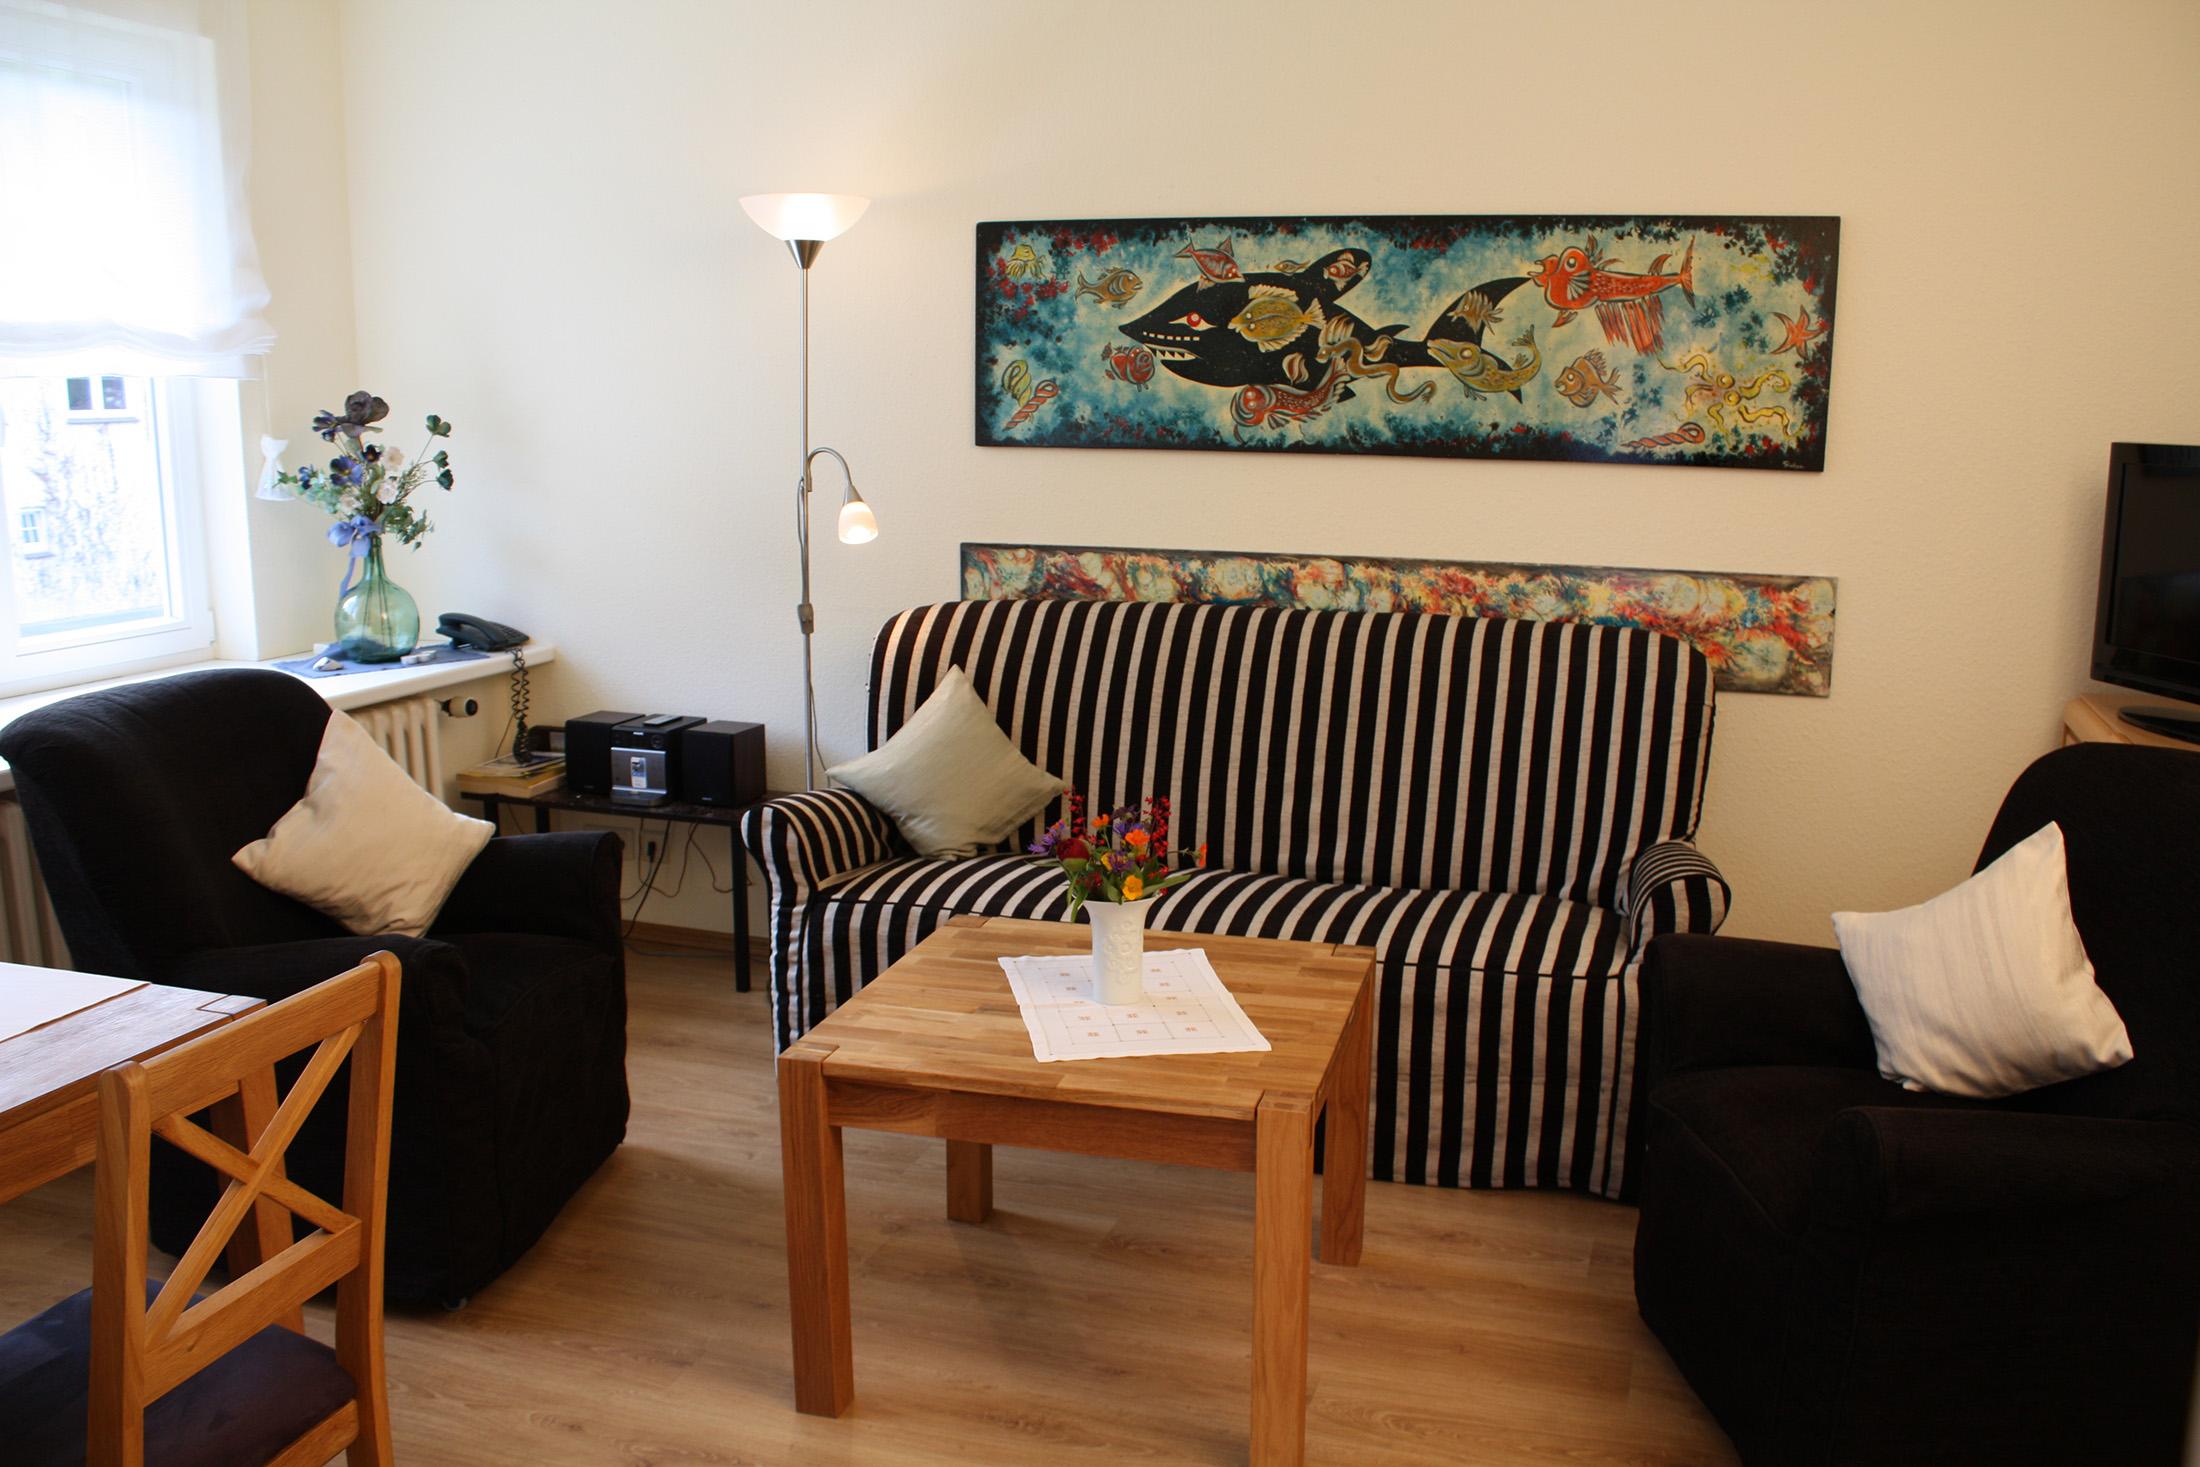 malerhaus-kuhse-ferienwohnung-seestern-wohnzimmer